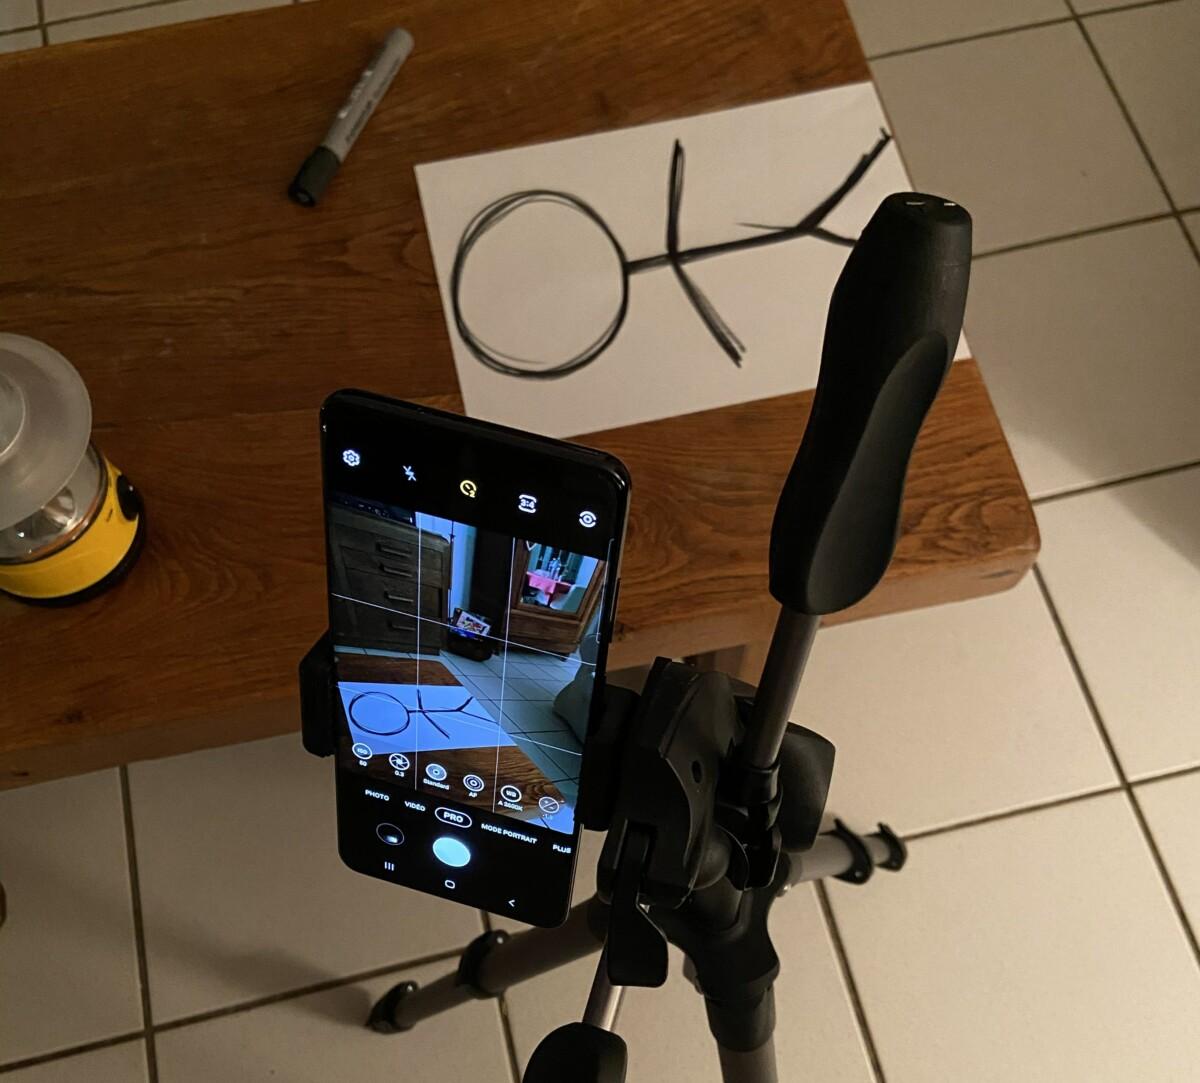 Comme on peut le voir sur l'écran du téléphone, il était nécessaire de cadrer la photo avec un espace sur le 3e tiers de l'écran laissant la place pour dessiner le personnage lumineux.